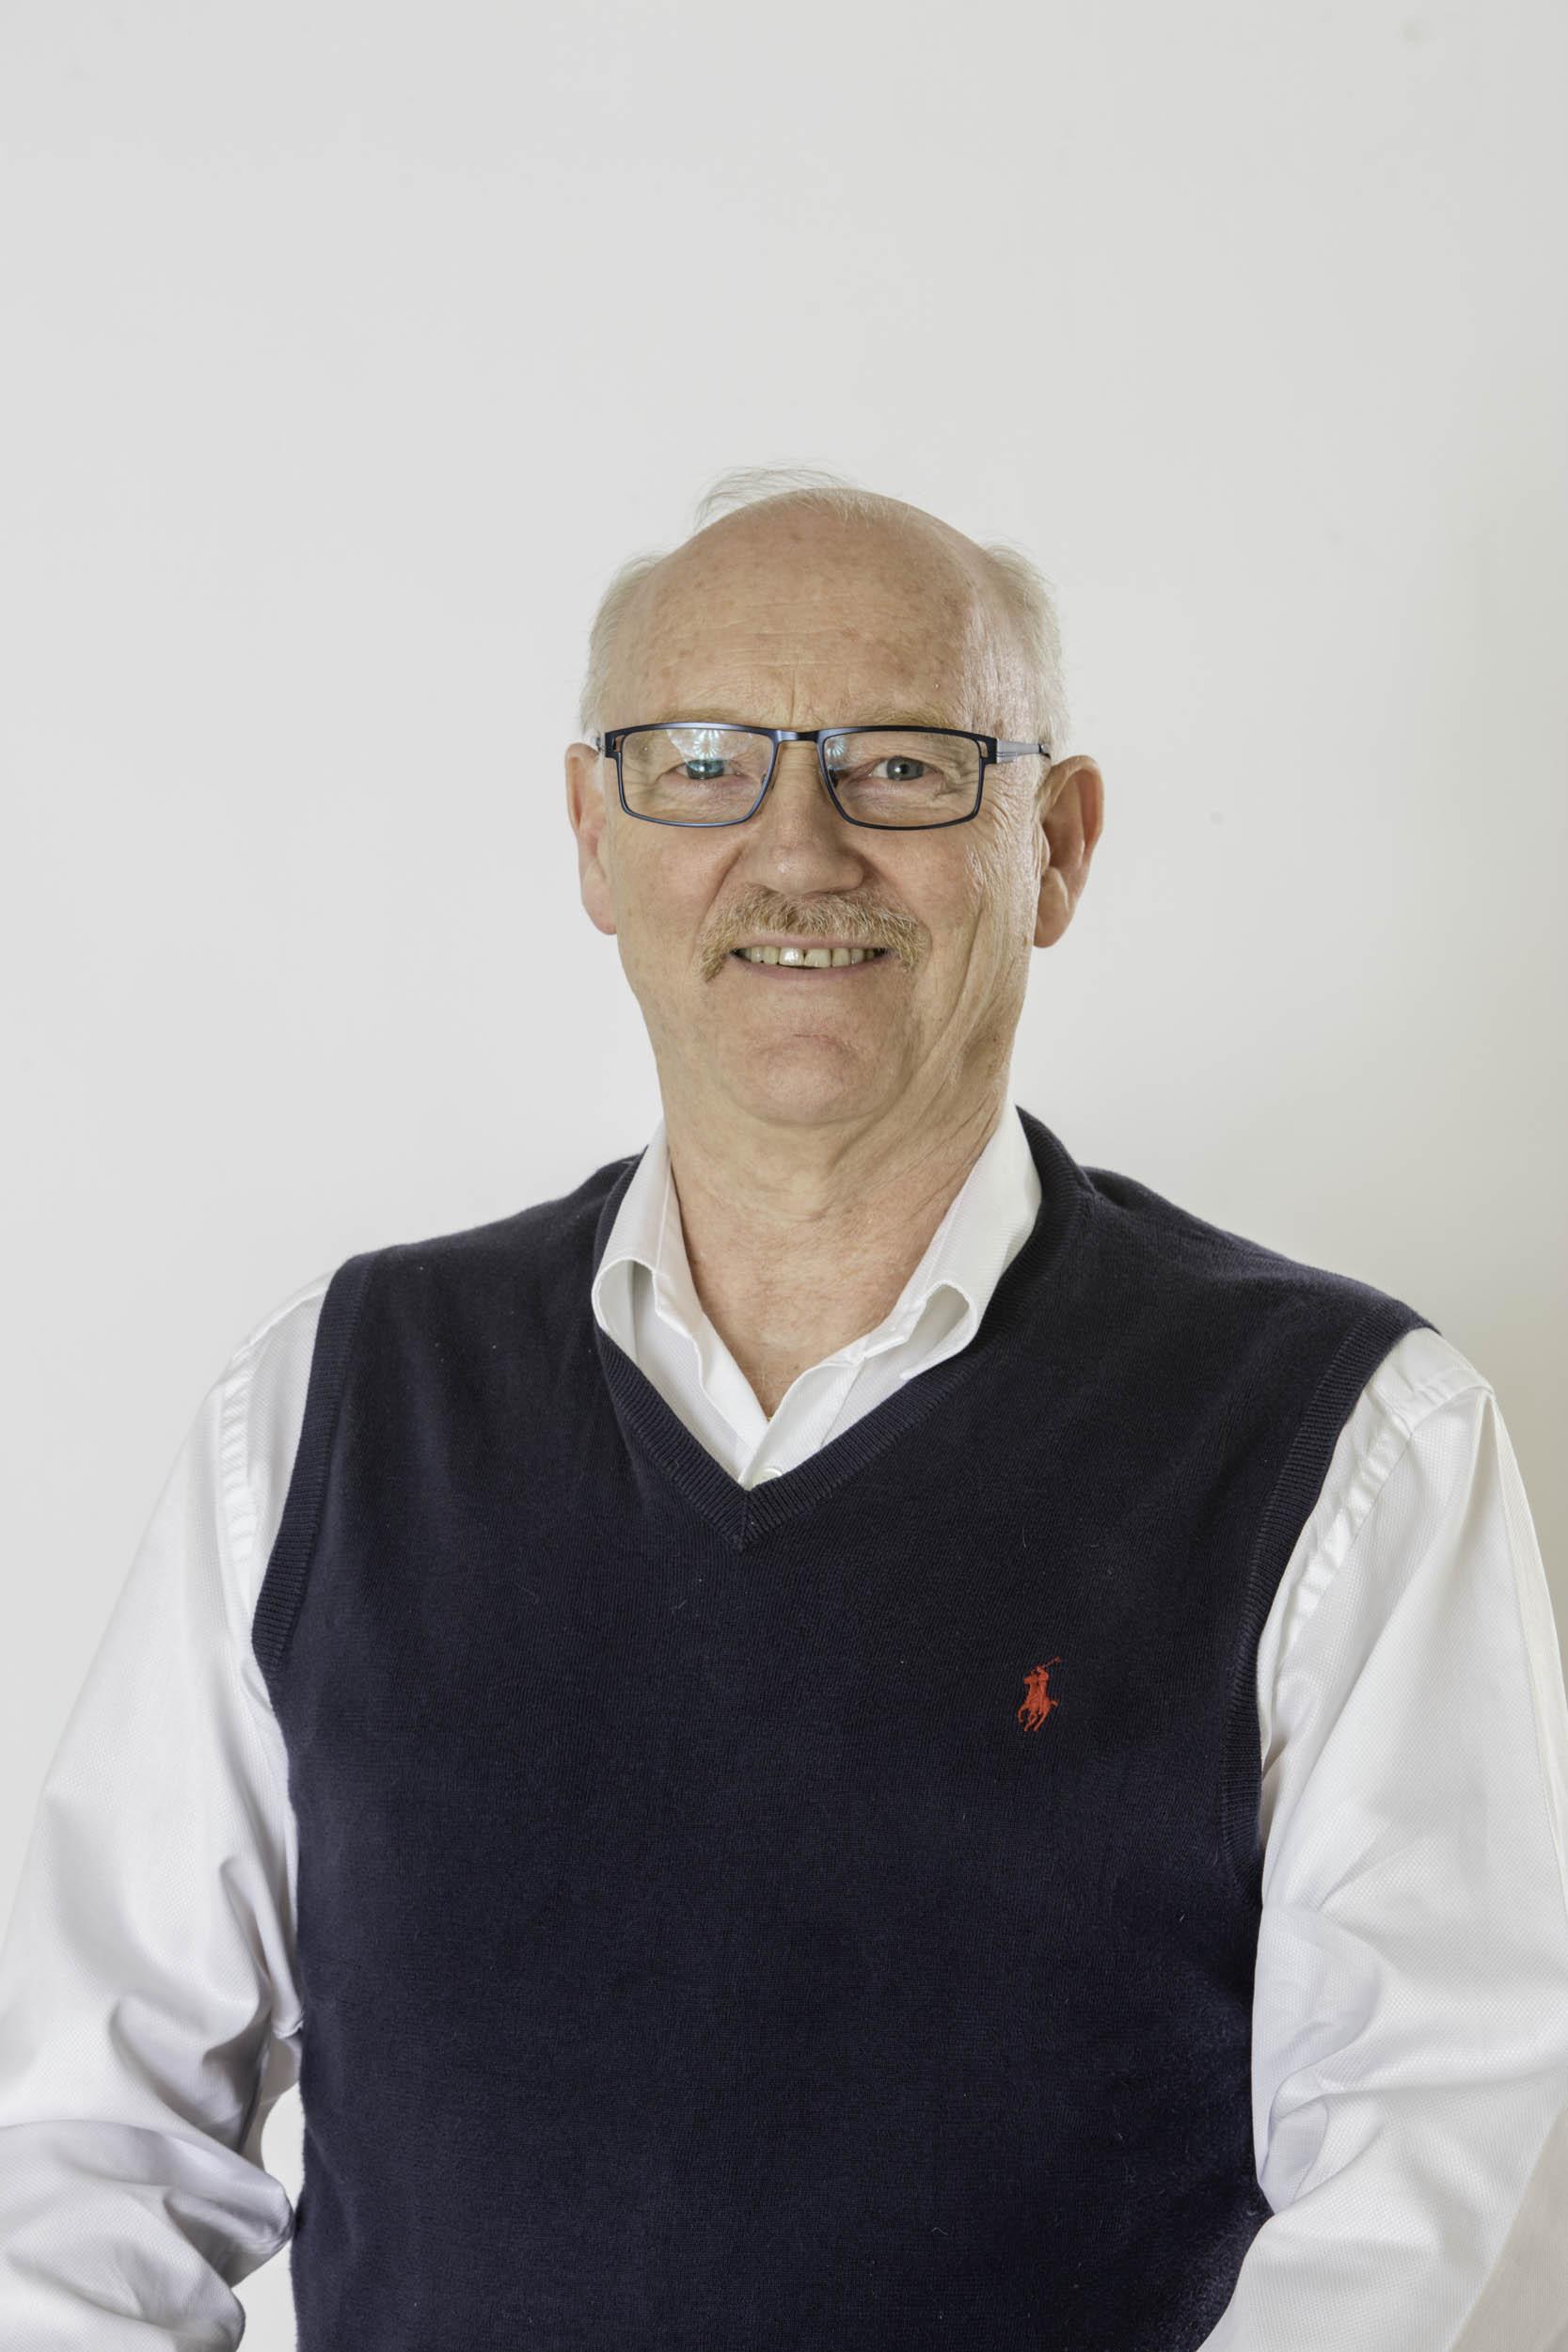 Roger Brenna